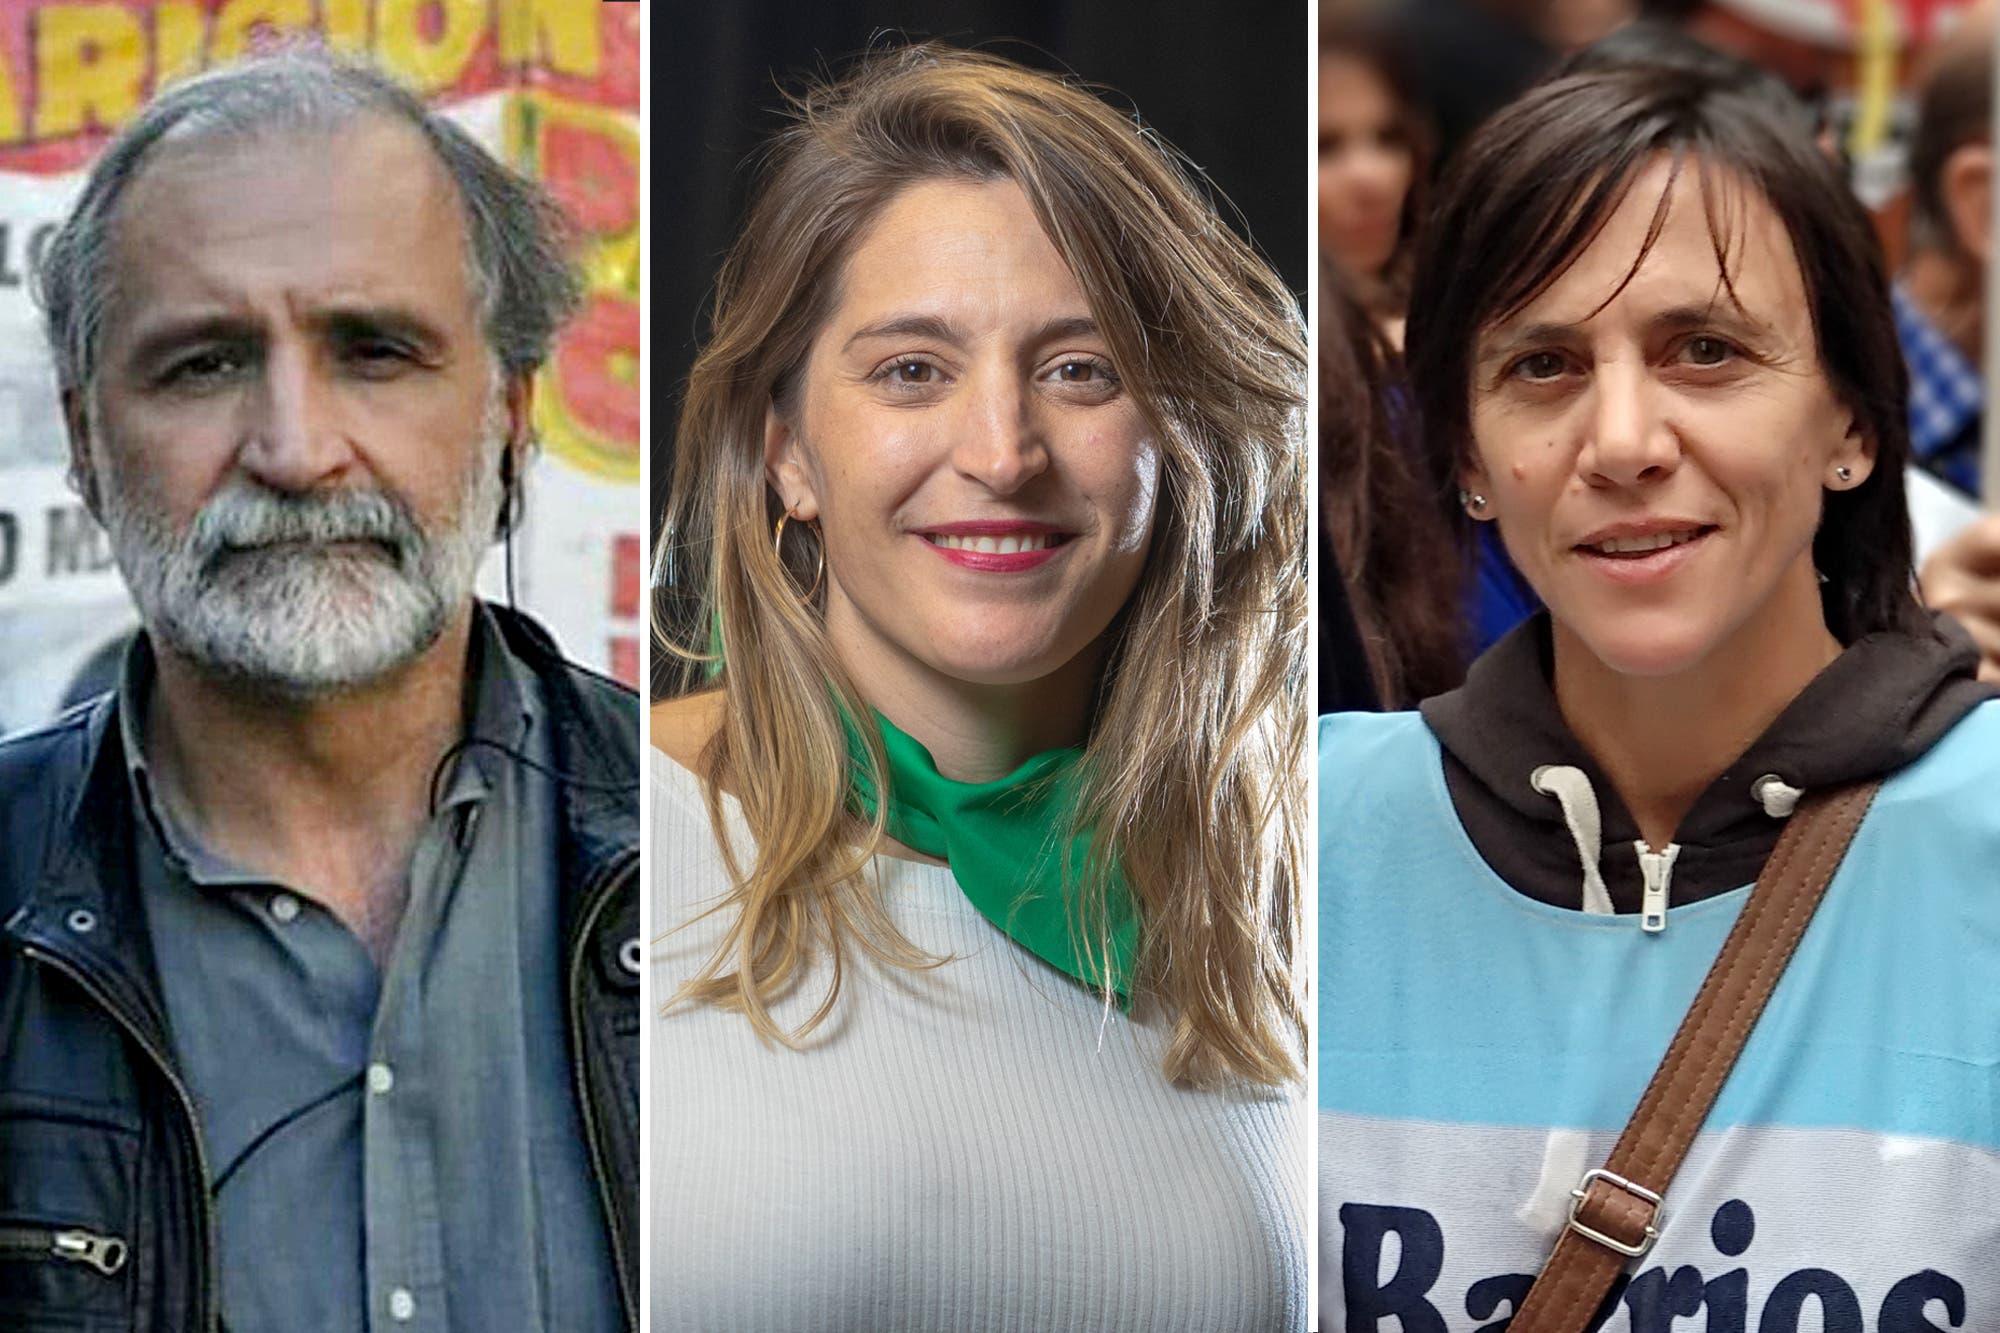 Quiénes son los referentes de la izquierda y organizaciones sociales que apoyaron la toma en Guernica